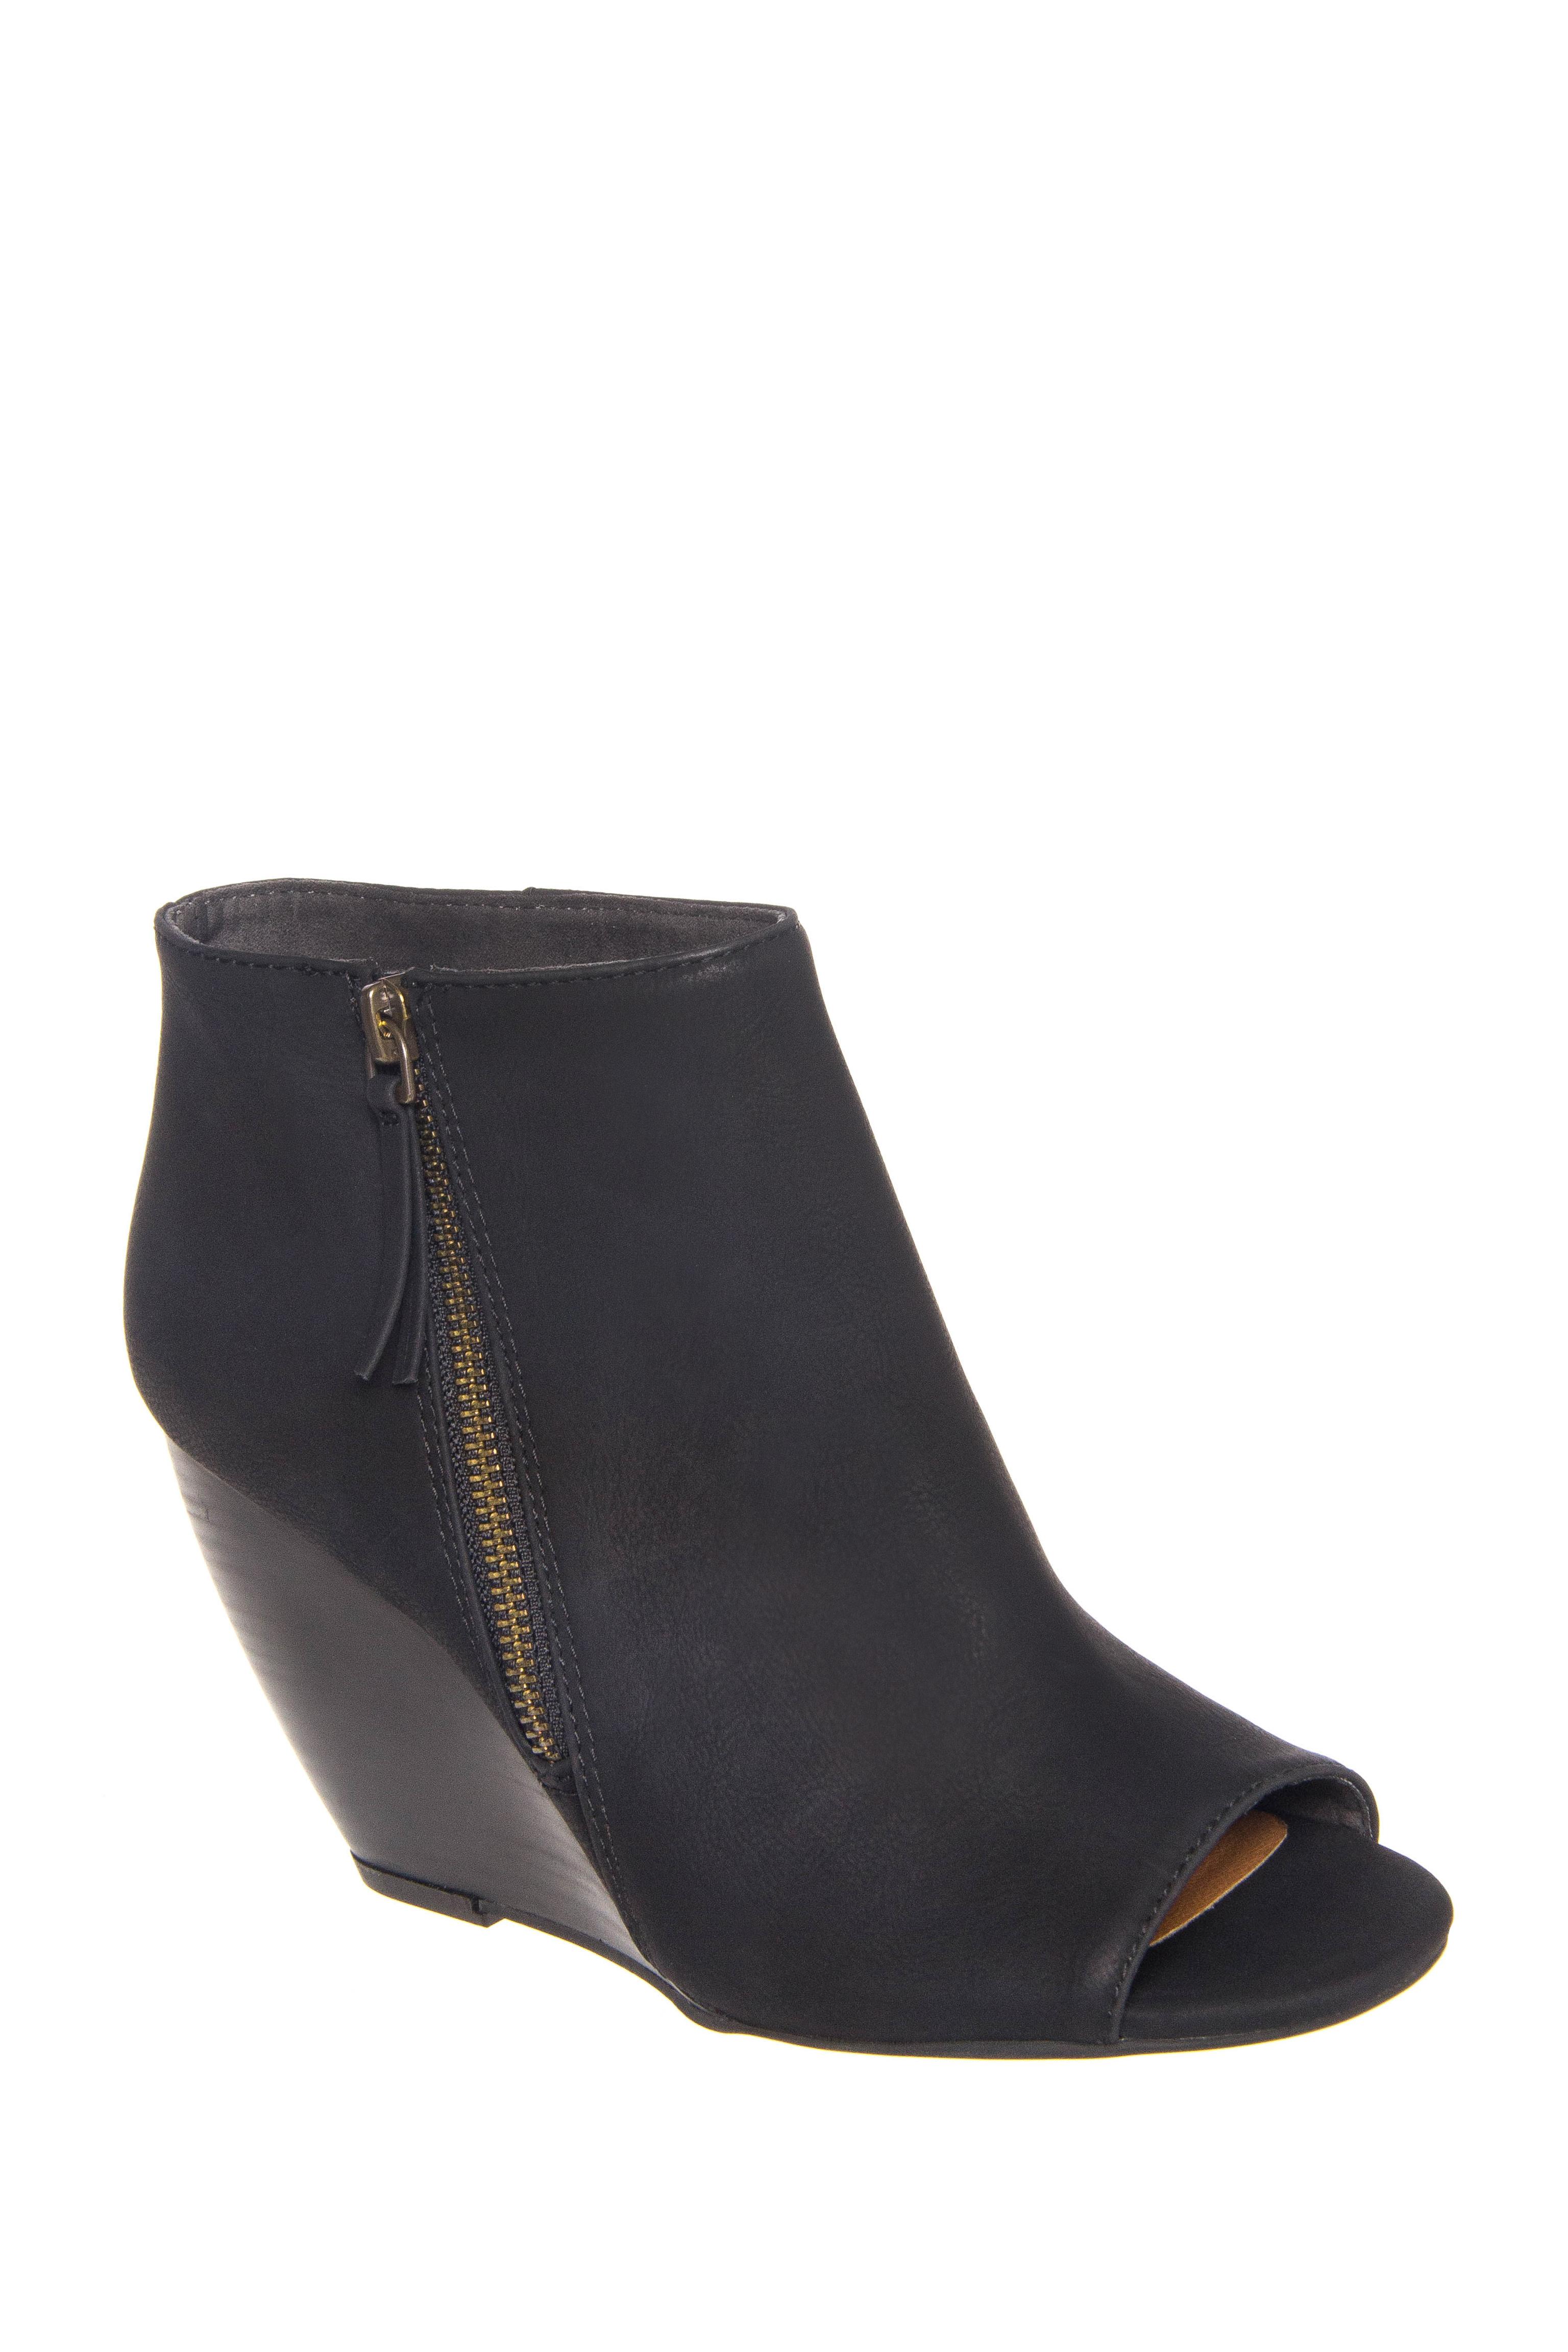 BC Footwear Rebellion II High Wedge Peep Toe Booties - Black